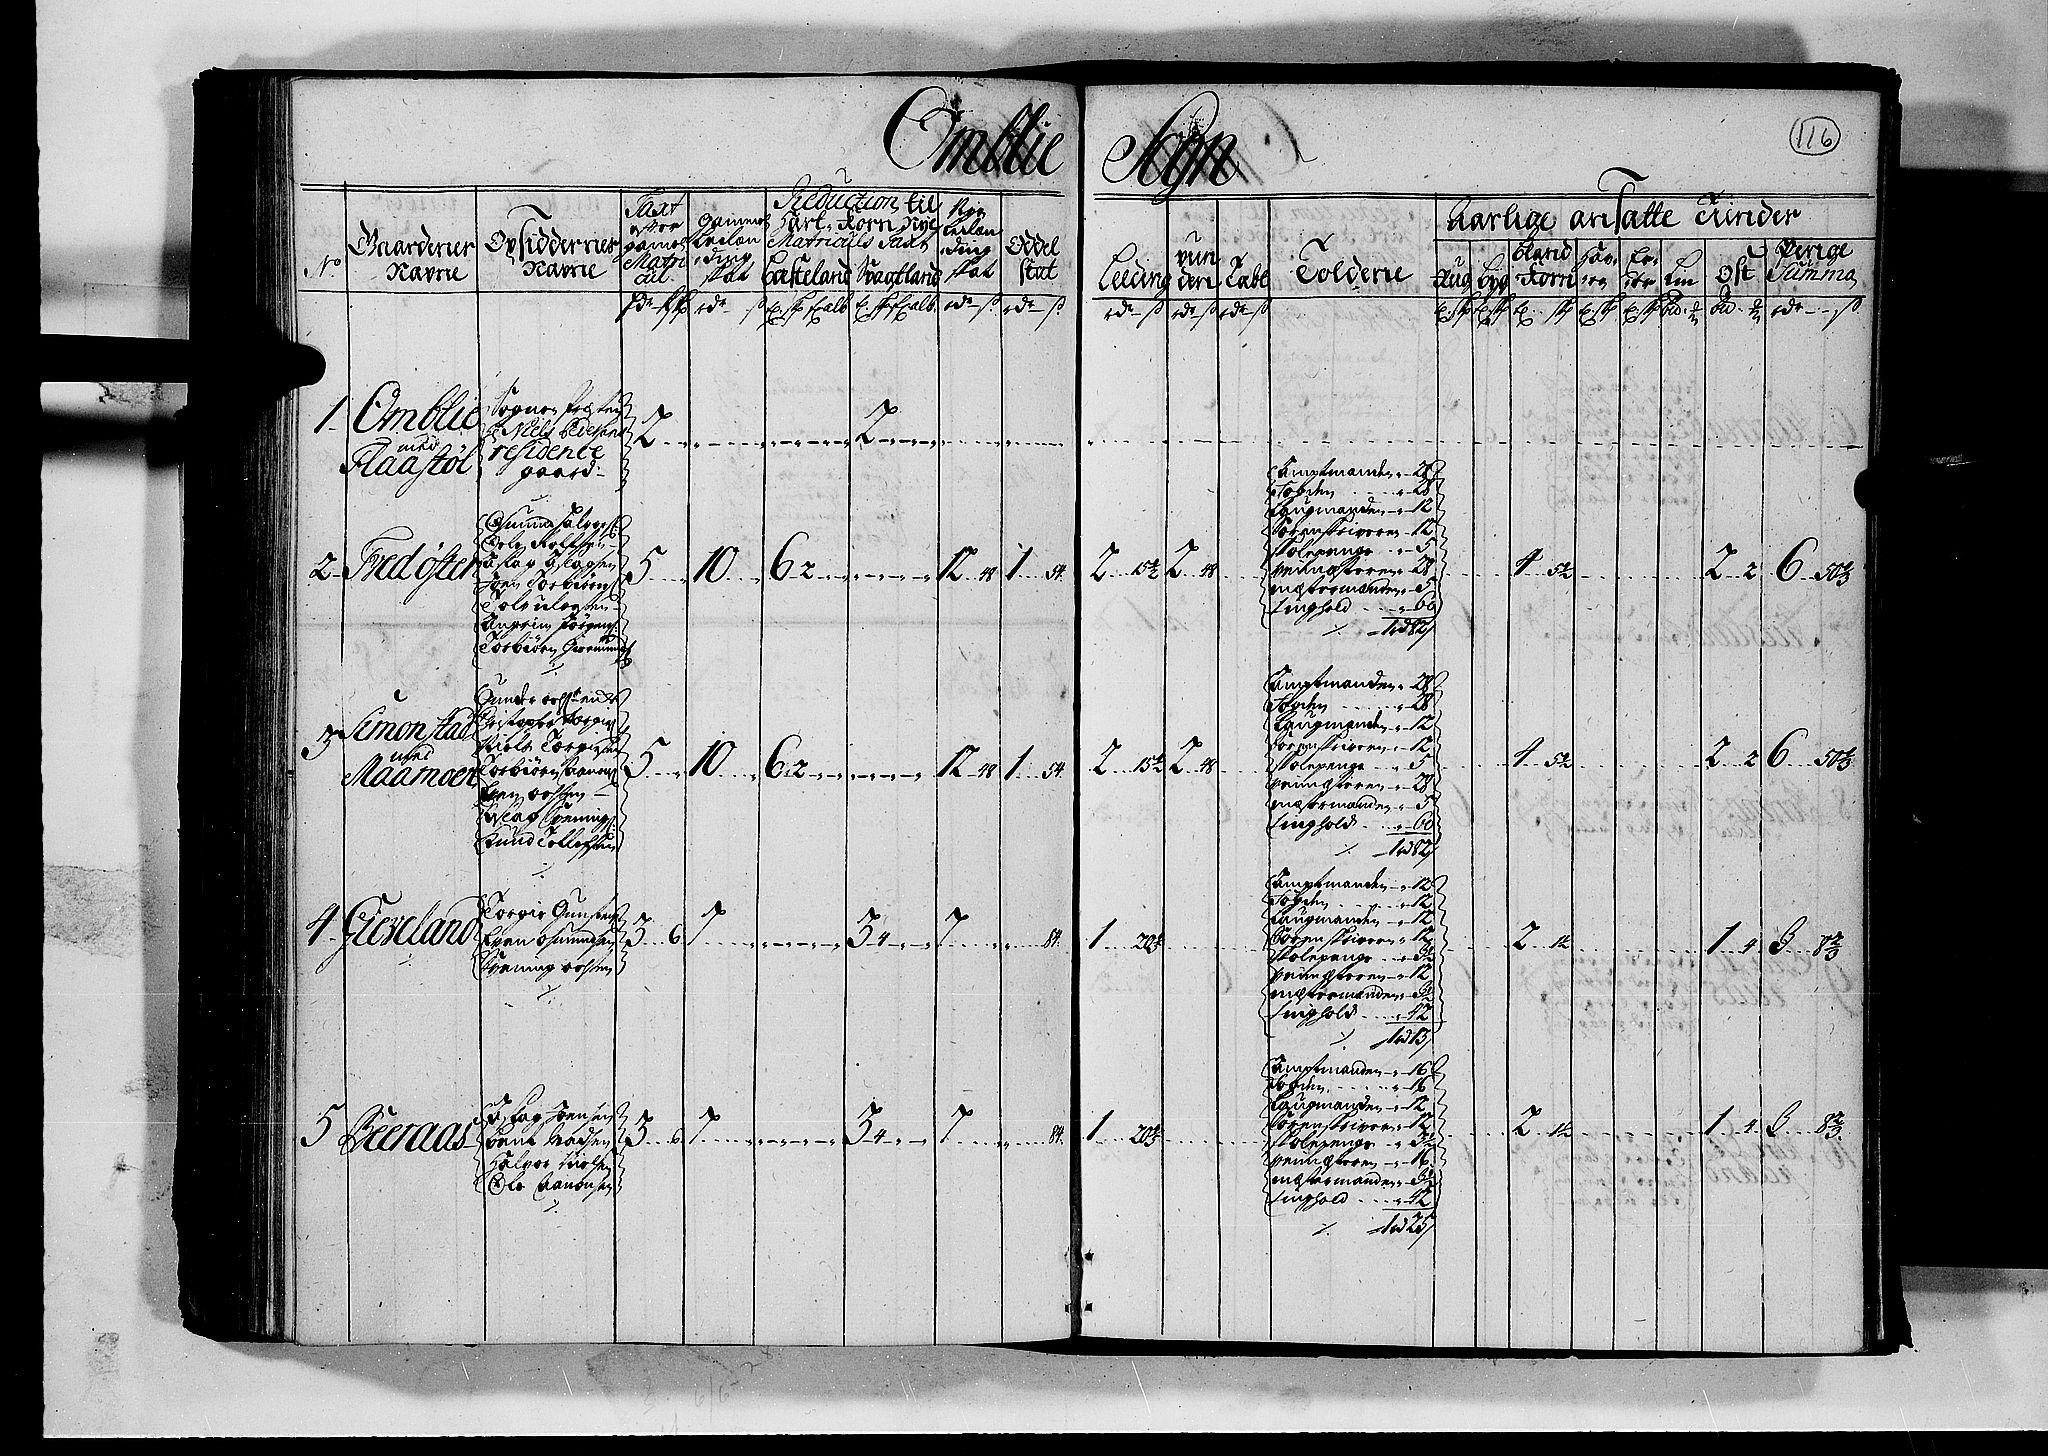 RA, Rentekammeret inntil 1814, Realistisk ordnet avdeling, N/Nb/Nbf/L0126: Råbyggelag matrikkelprotokoll, 1723, s. 115b-116a